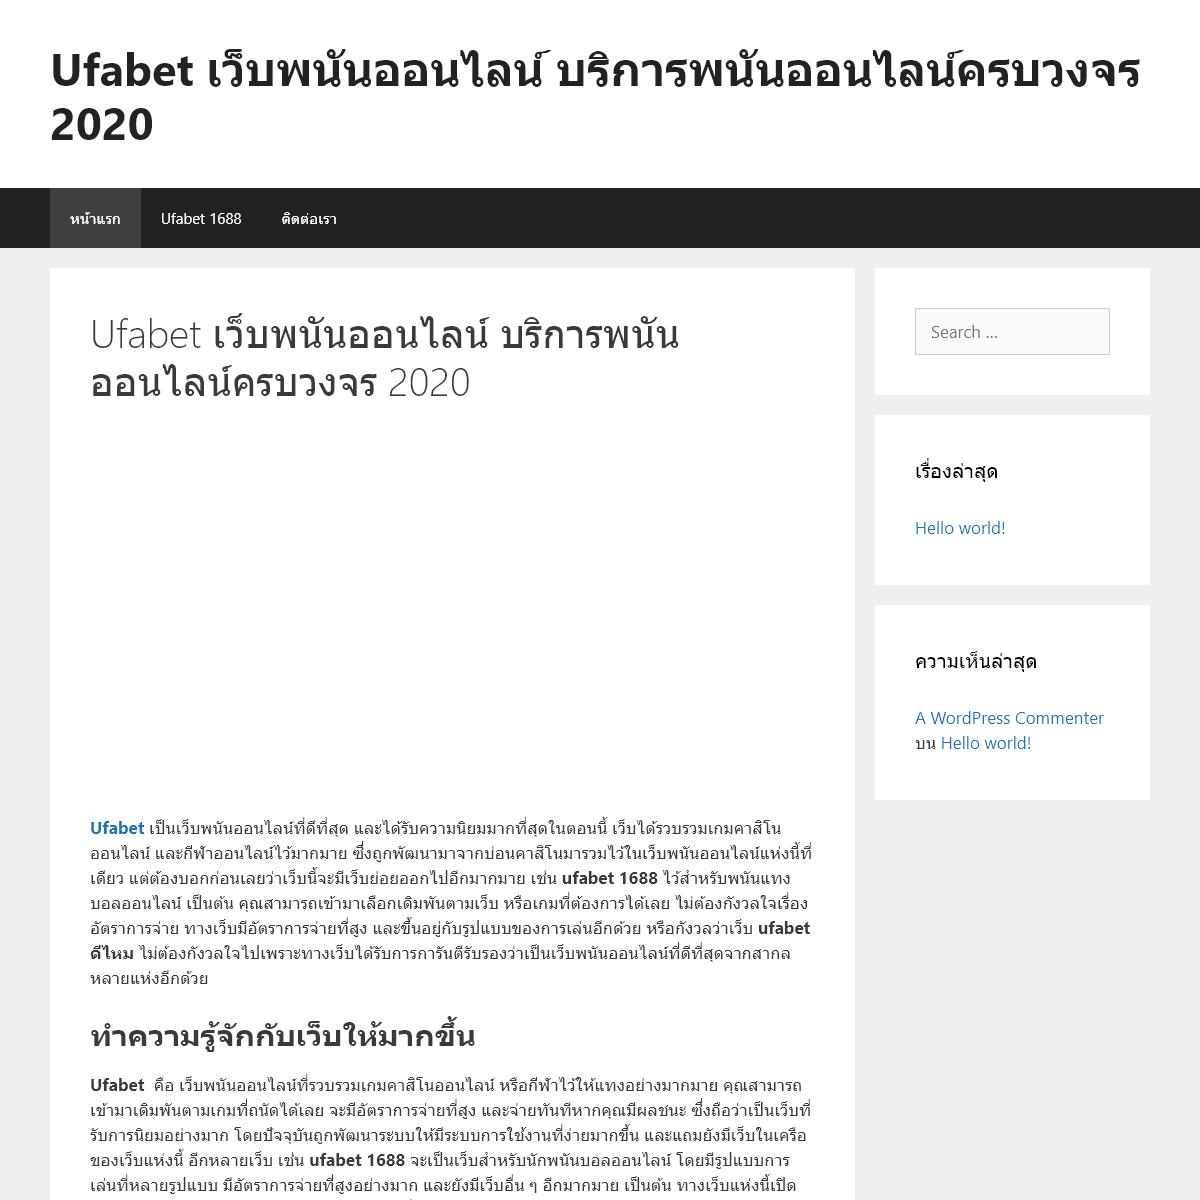 Ufabet เว็บพนันออนไลน์ บริการพนันออนไลน์ครบวงจร 20